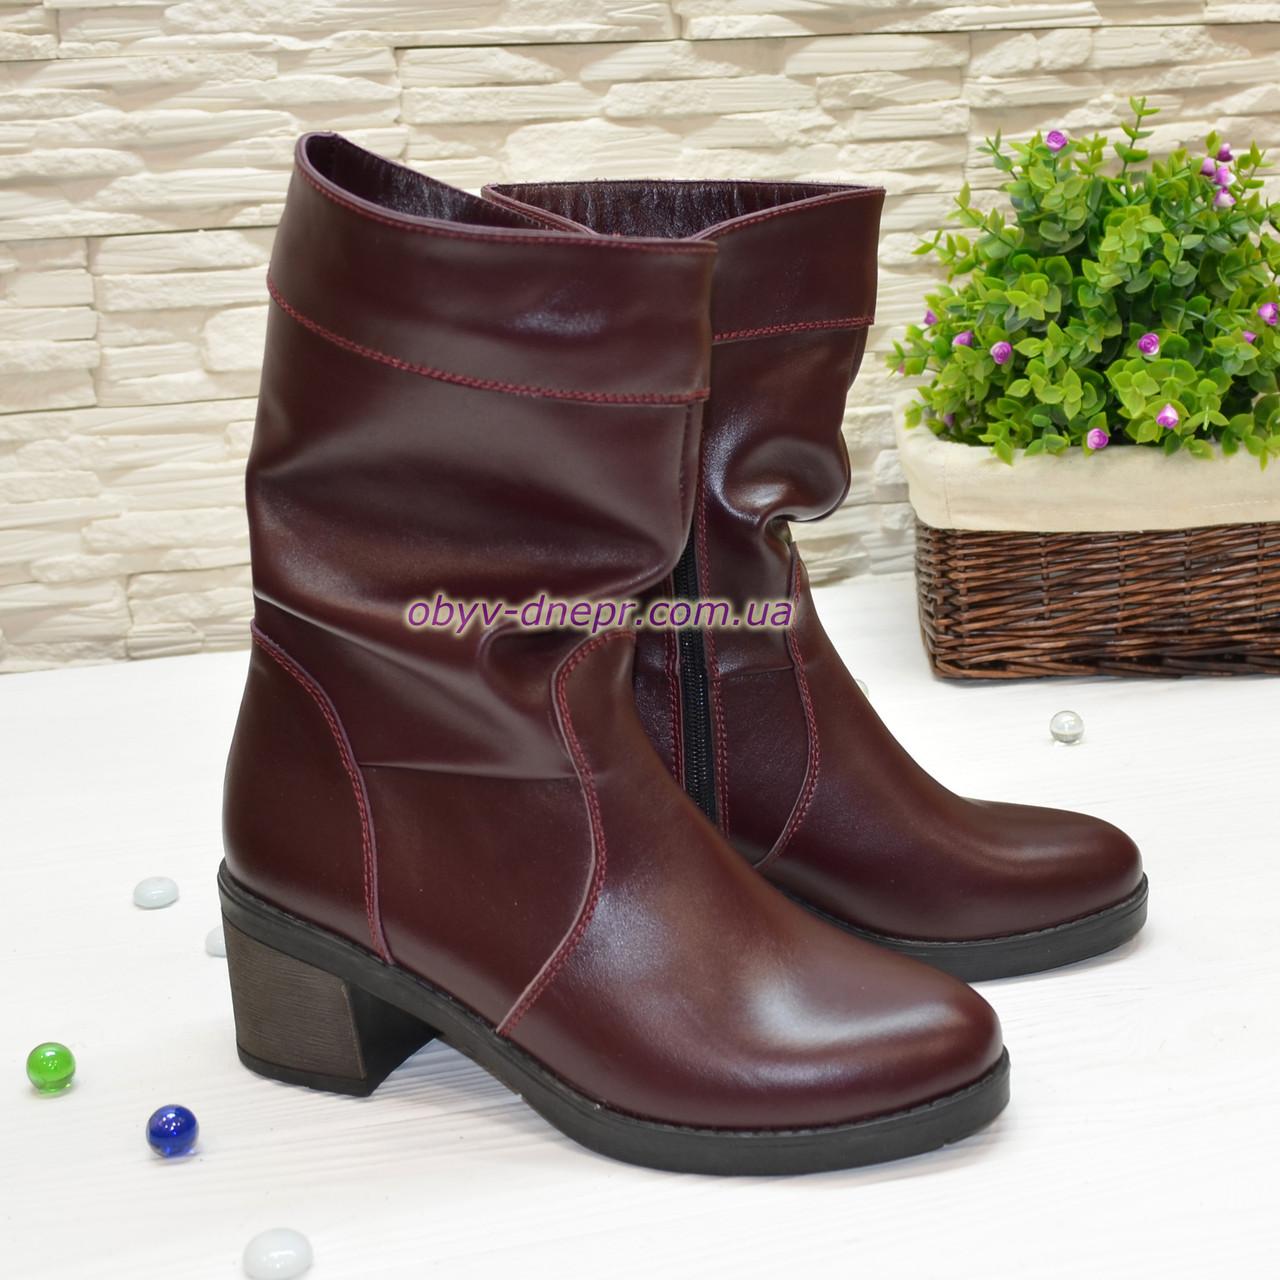 """Женские кожаные ботинки, цвет бордовый. ТМ """"Maestro"""""""